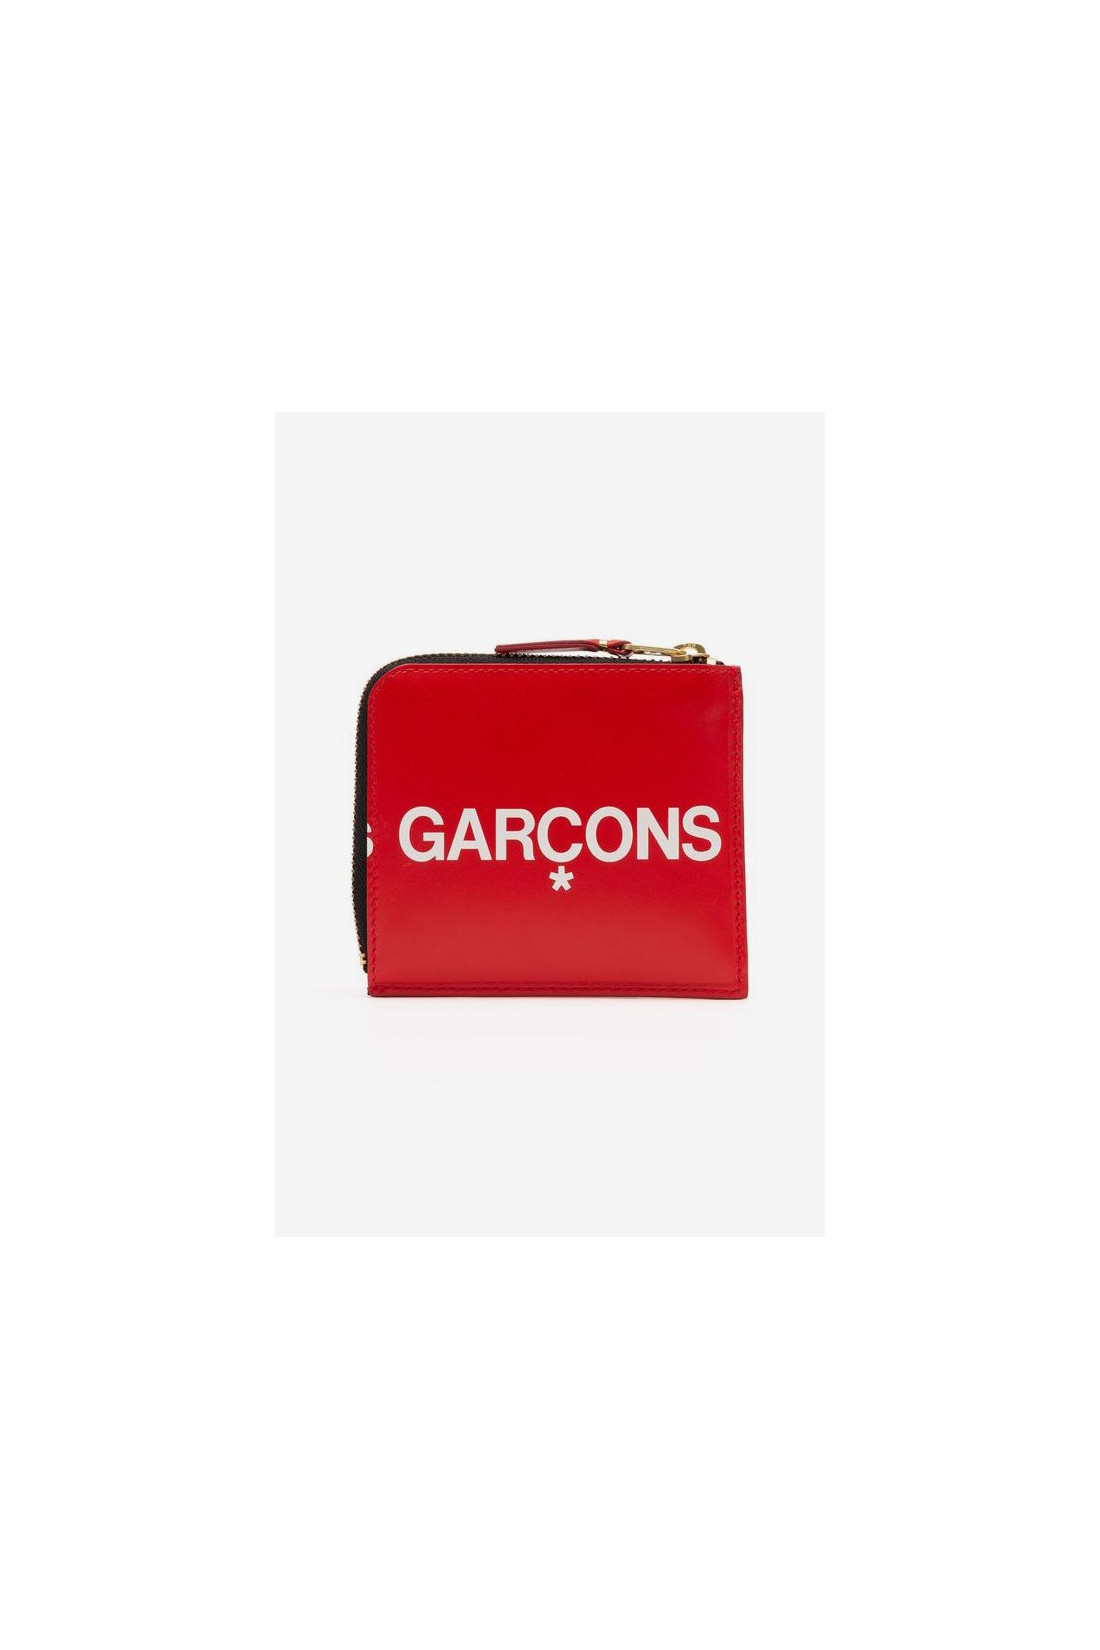 COMME DES GARÇONS WALLETS / Cdg huge logo wallet sa3100hl Red